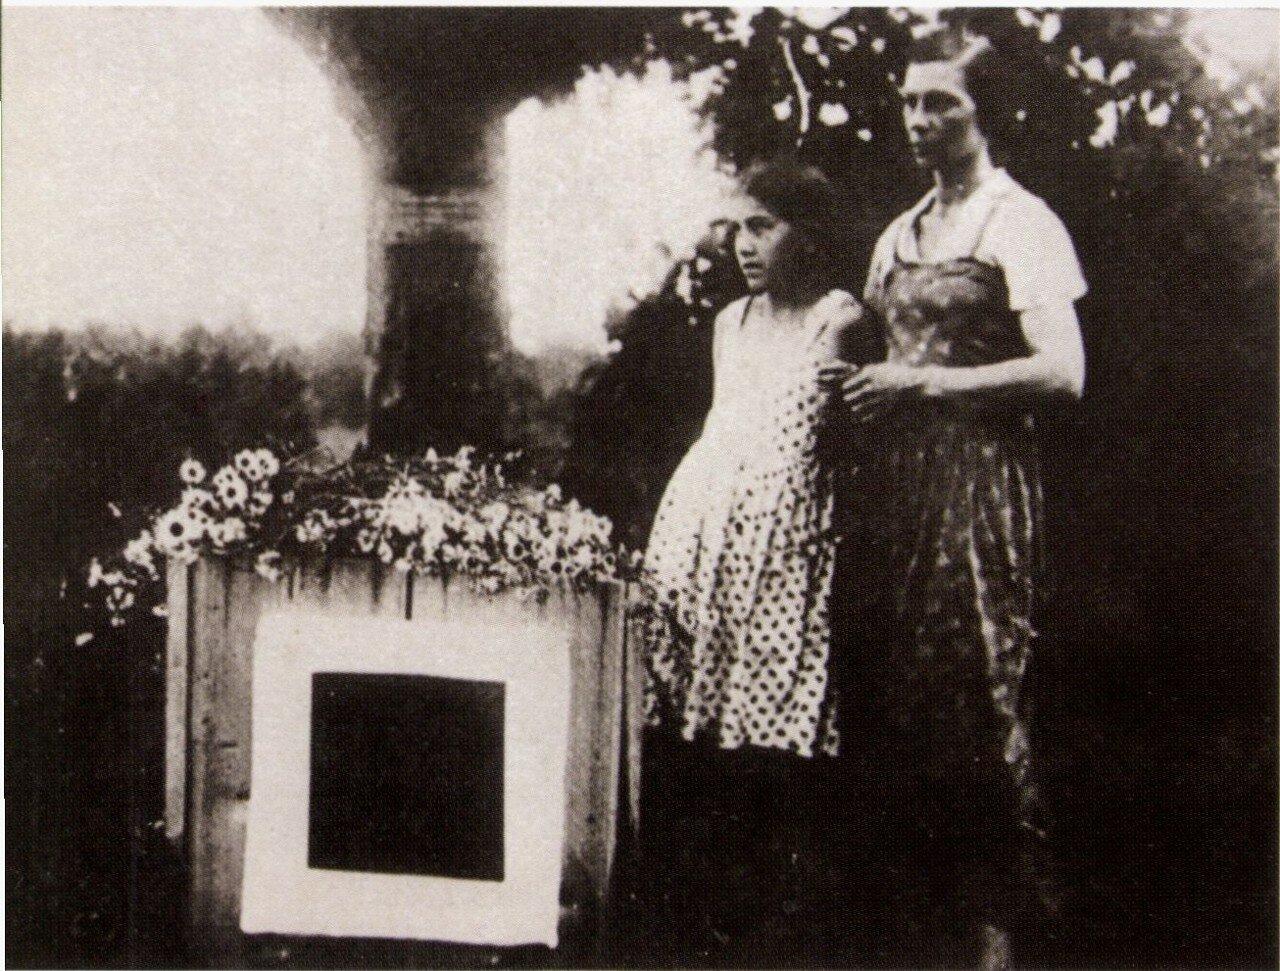 1935. Дочь Малевича Уна и вдова Наталья Андреевна у могилы Малевича в Немчиновке. Май